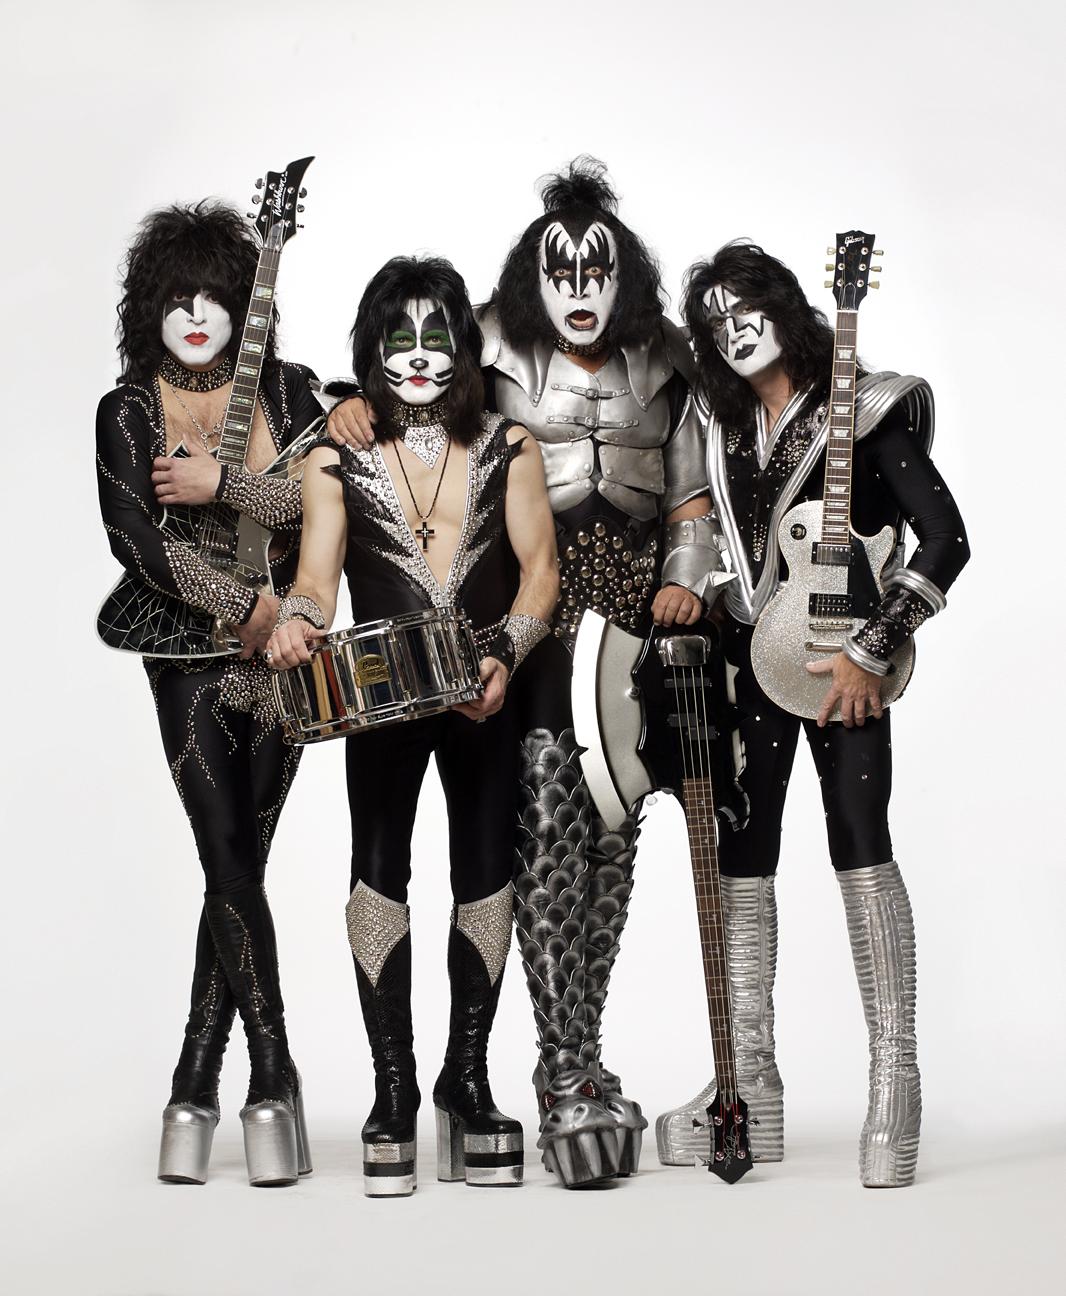 Groupe Hard Rock Année 80 : groupe, année, L'art, Maquillage, Rock,, Métal, Années, 80-90!, Radieuse, Josianne, Brousseau